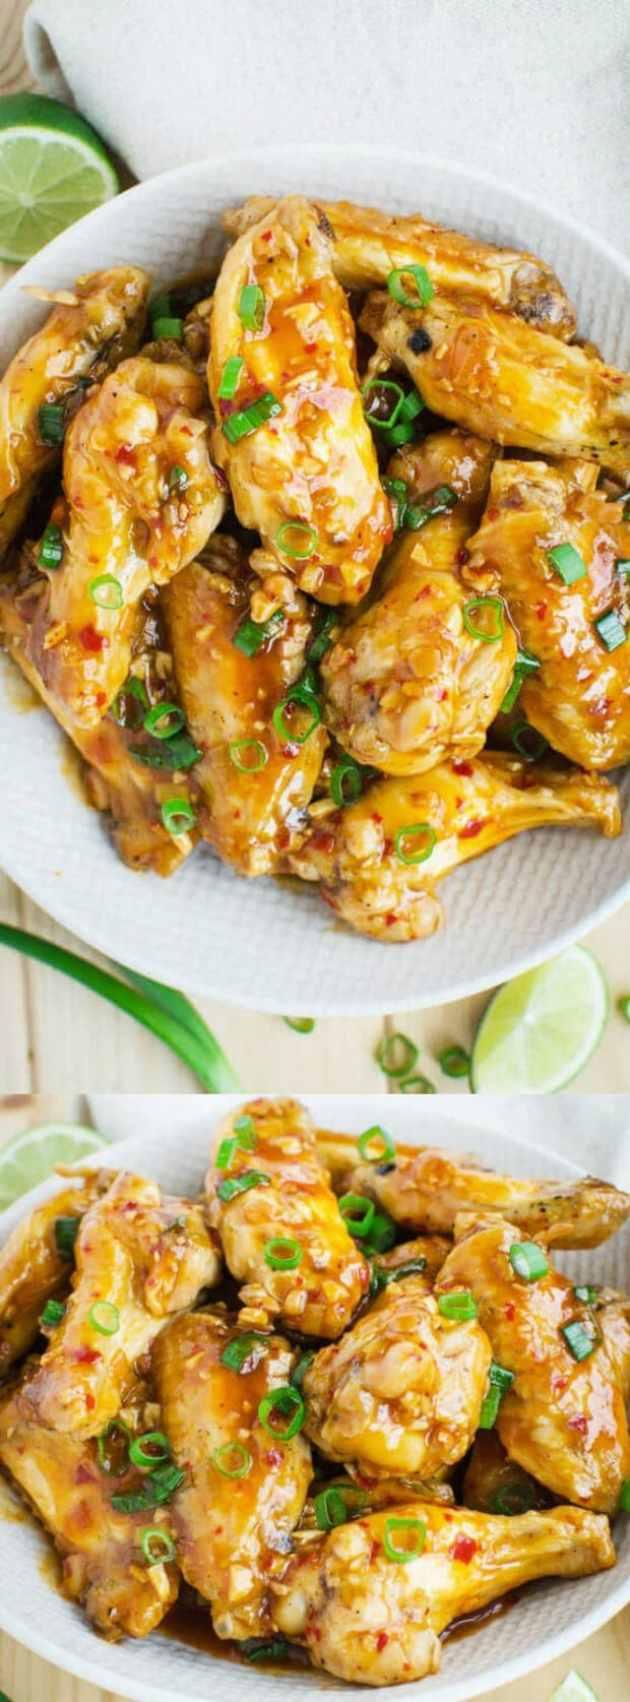 Baked Asian Chicken Wings longpin